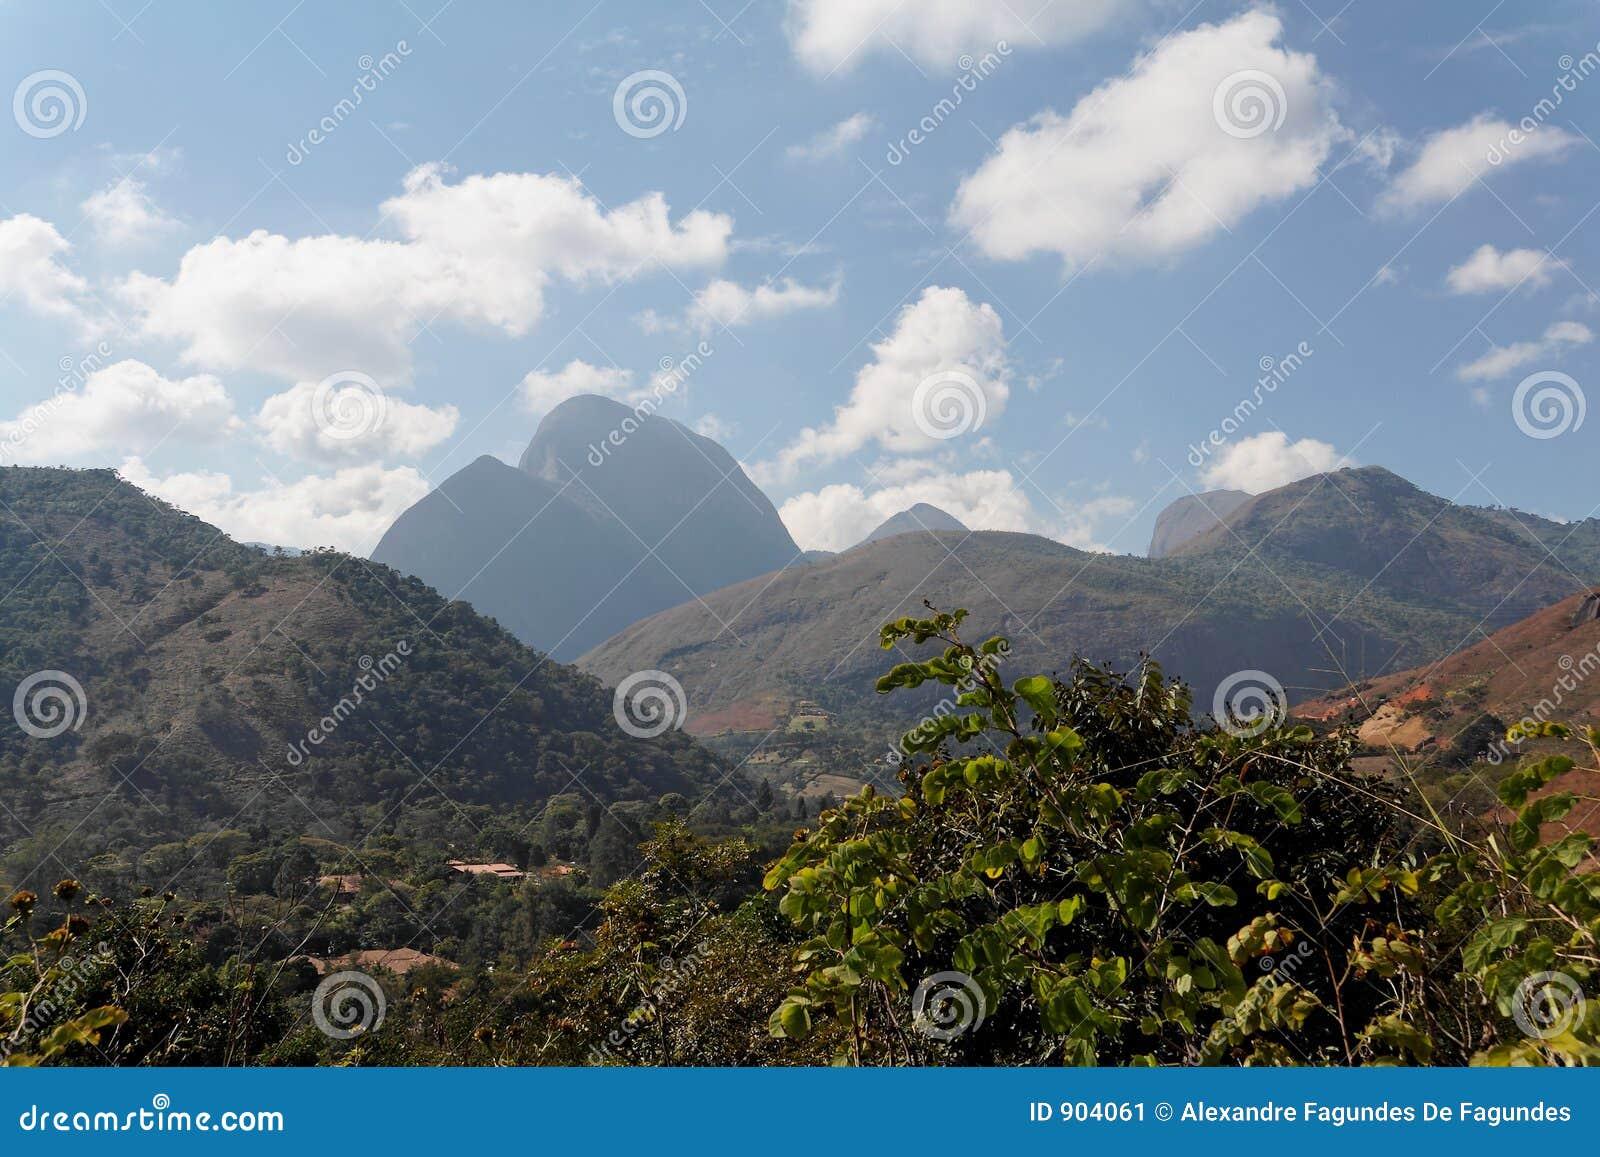 Paisagem Teresopolis Das Montanhas Imagem de Stock ...